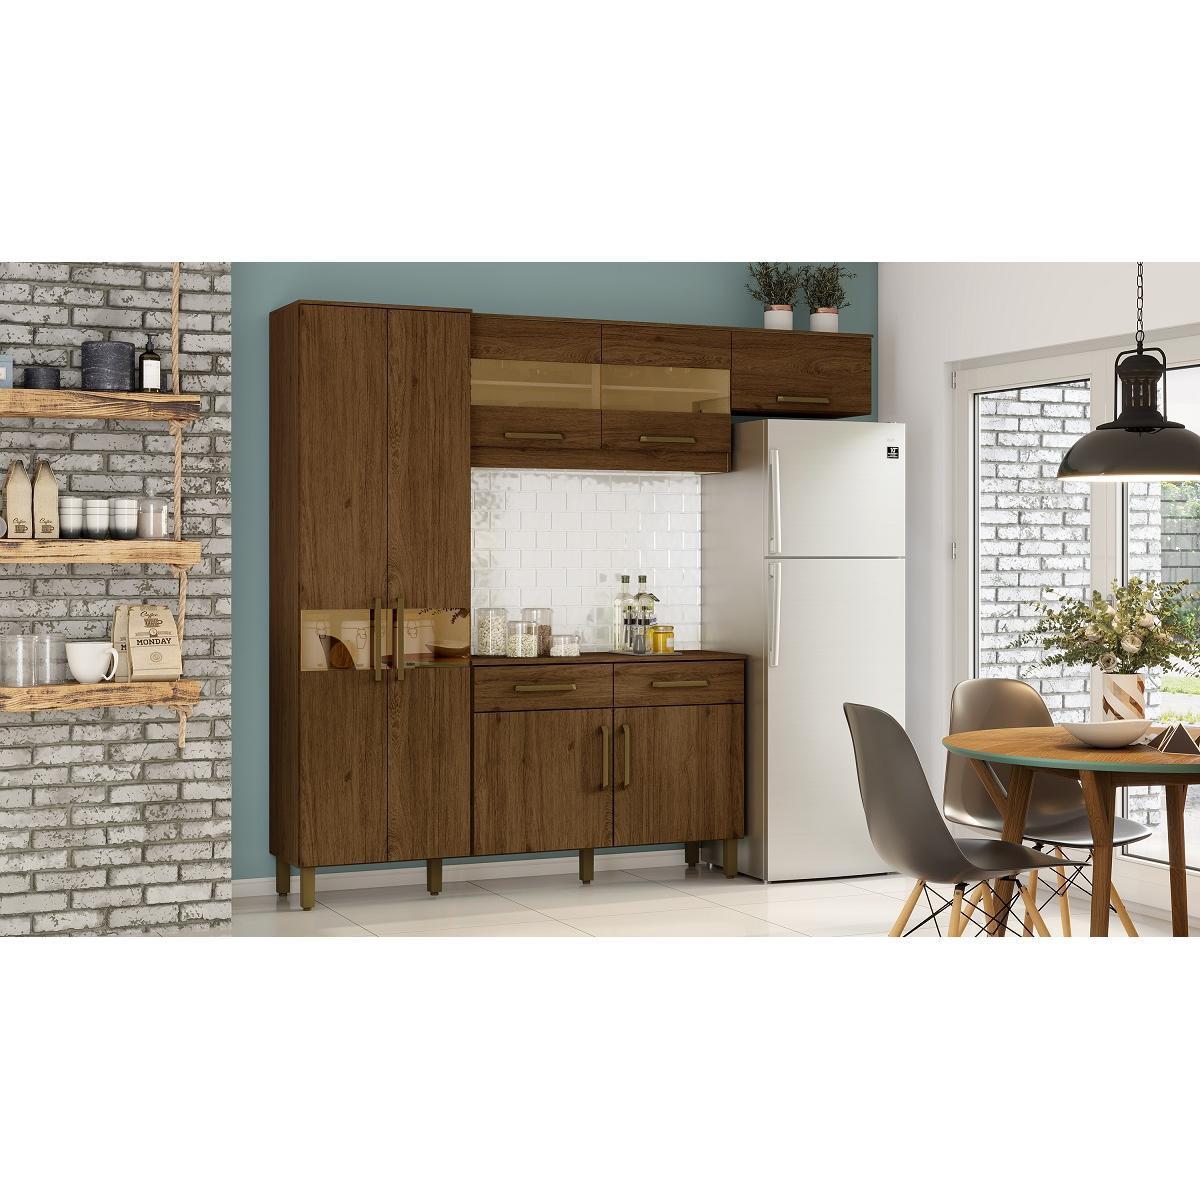 Kit Cozinha Compacta 07 Portas 02 Gavetas Castanho HP - Briz